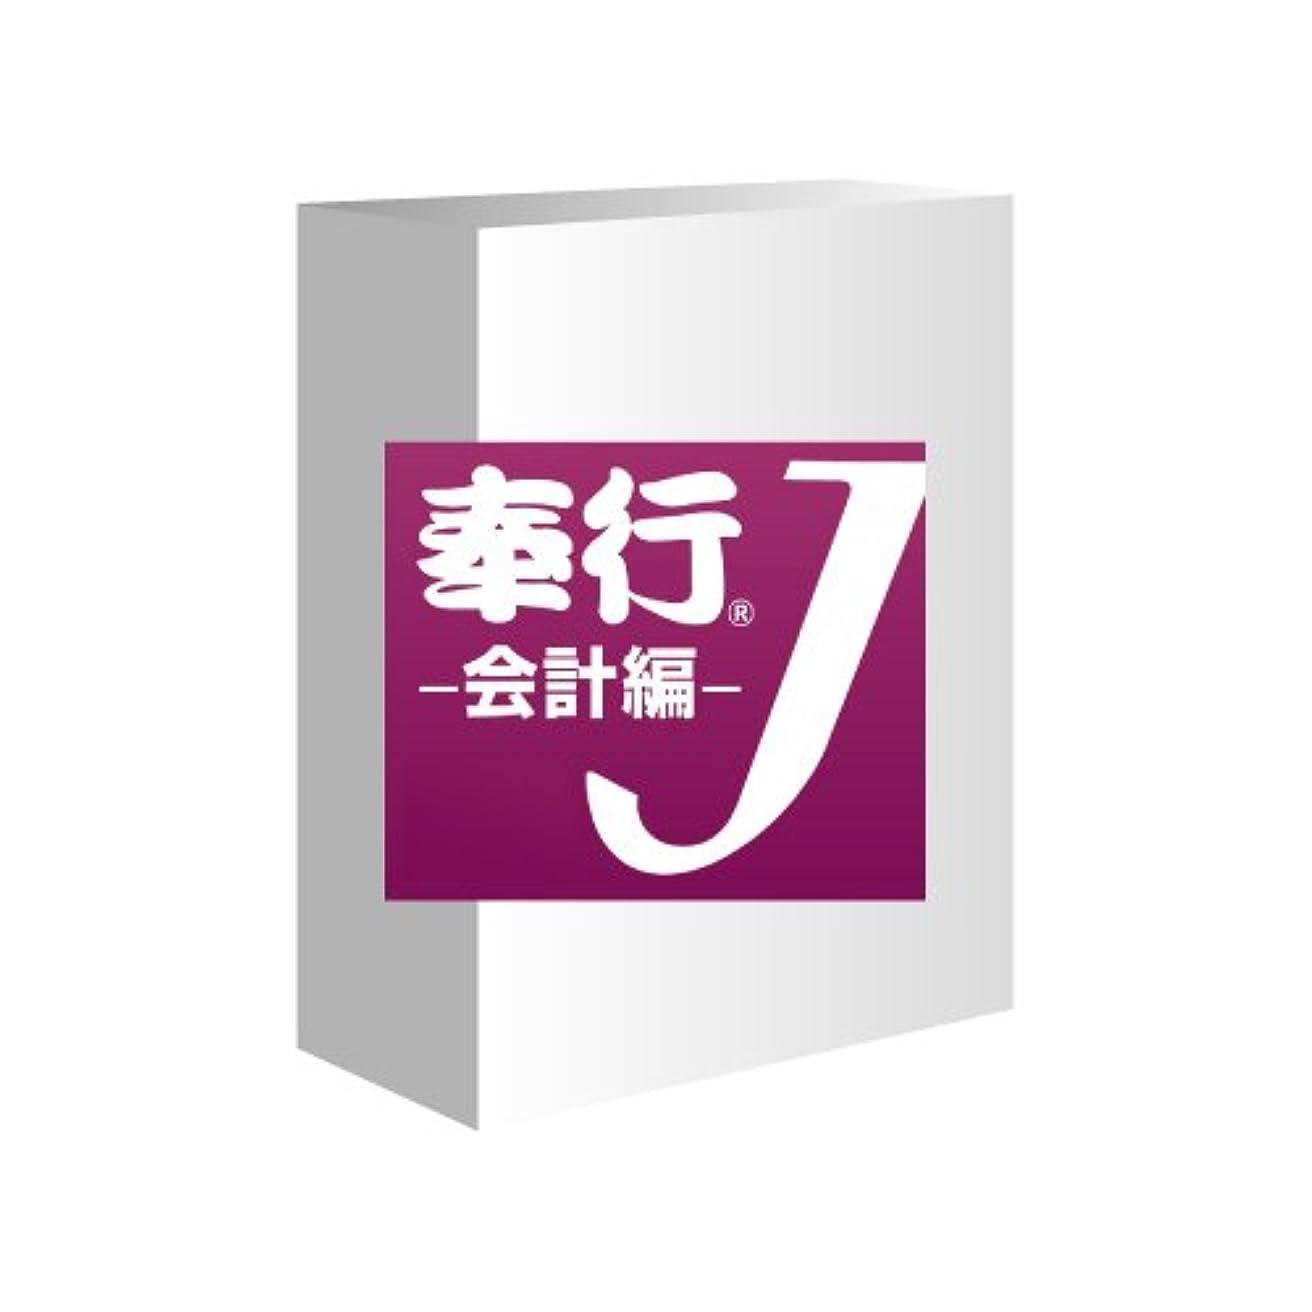 立ち向かう代替案トリムOBC 奉行J -会計編- 【オービックビジネスコンサルタント】